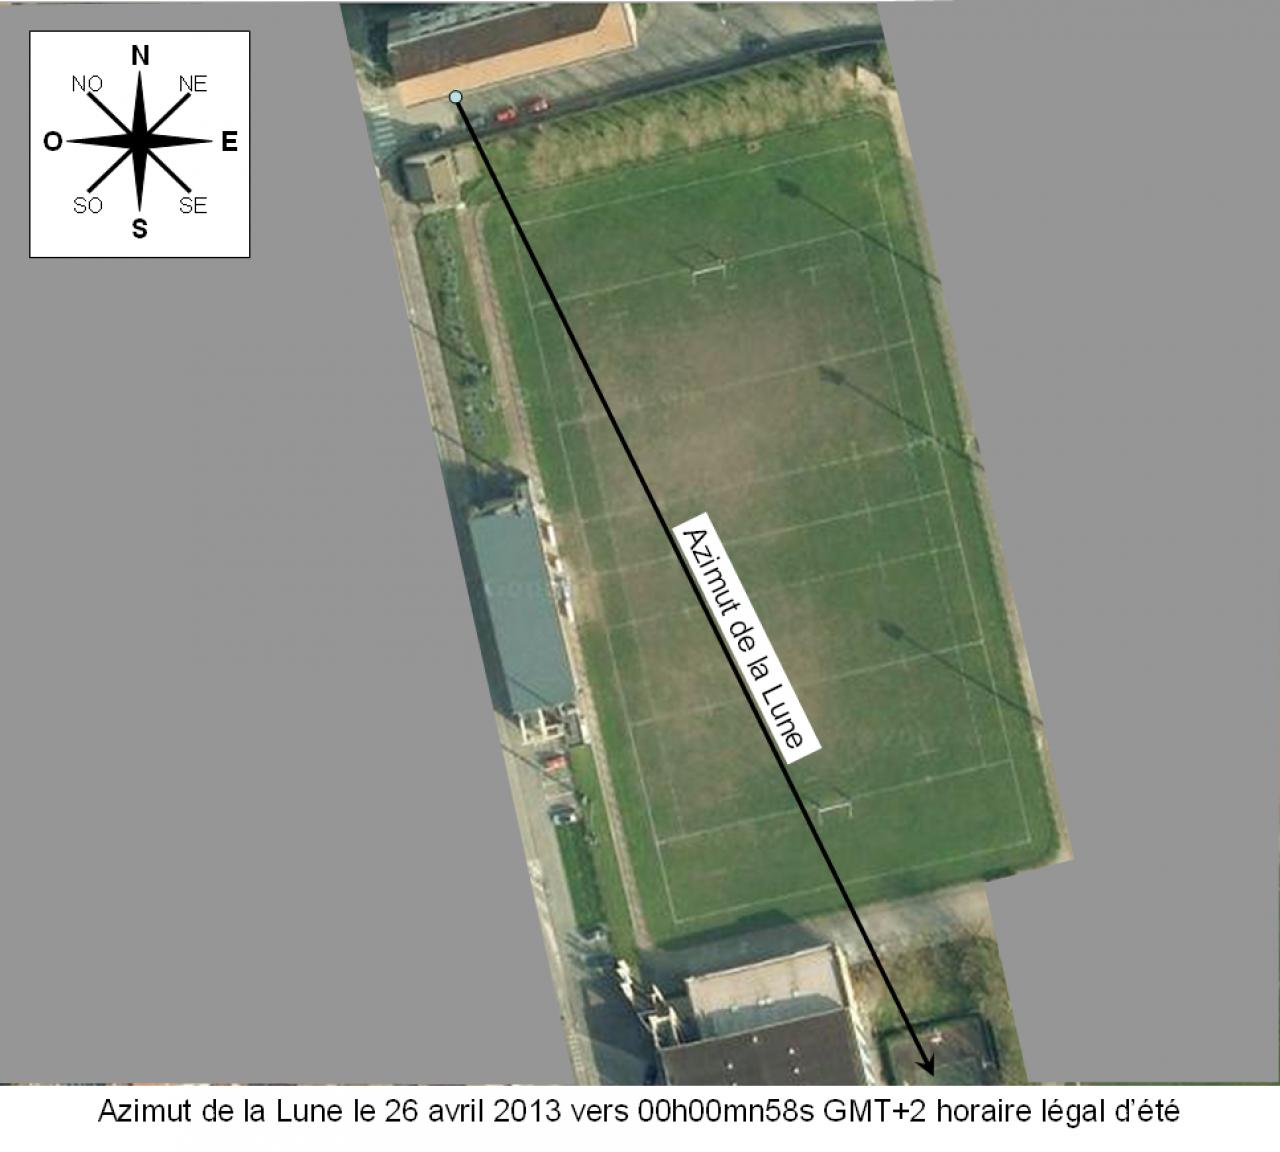 2013: le 26/04Lumière étrange dans le ciel  - Dunkerque (France)  - Page 2 246254ClaudeT7